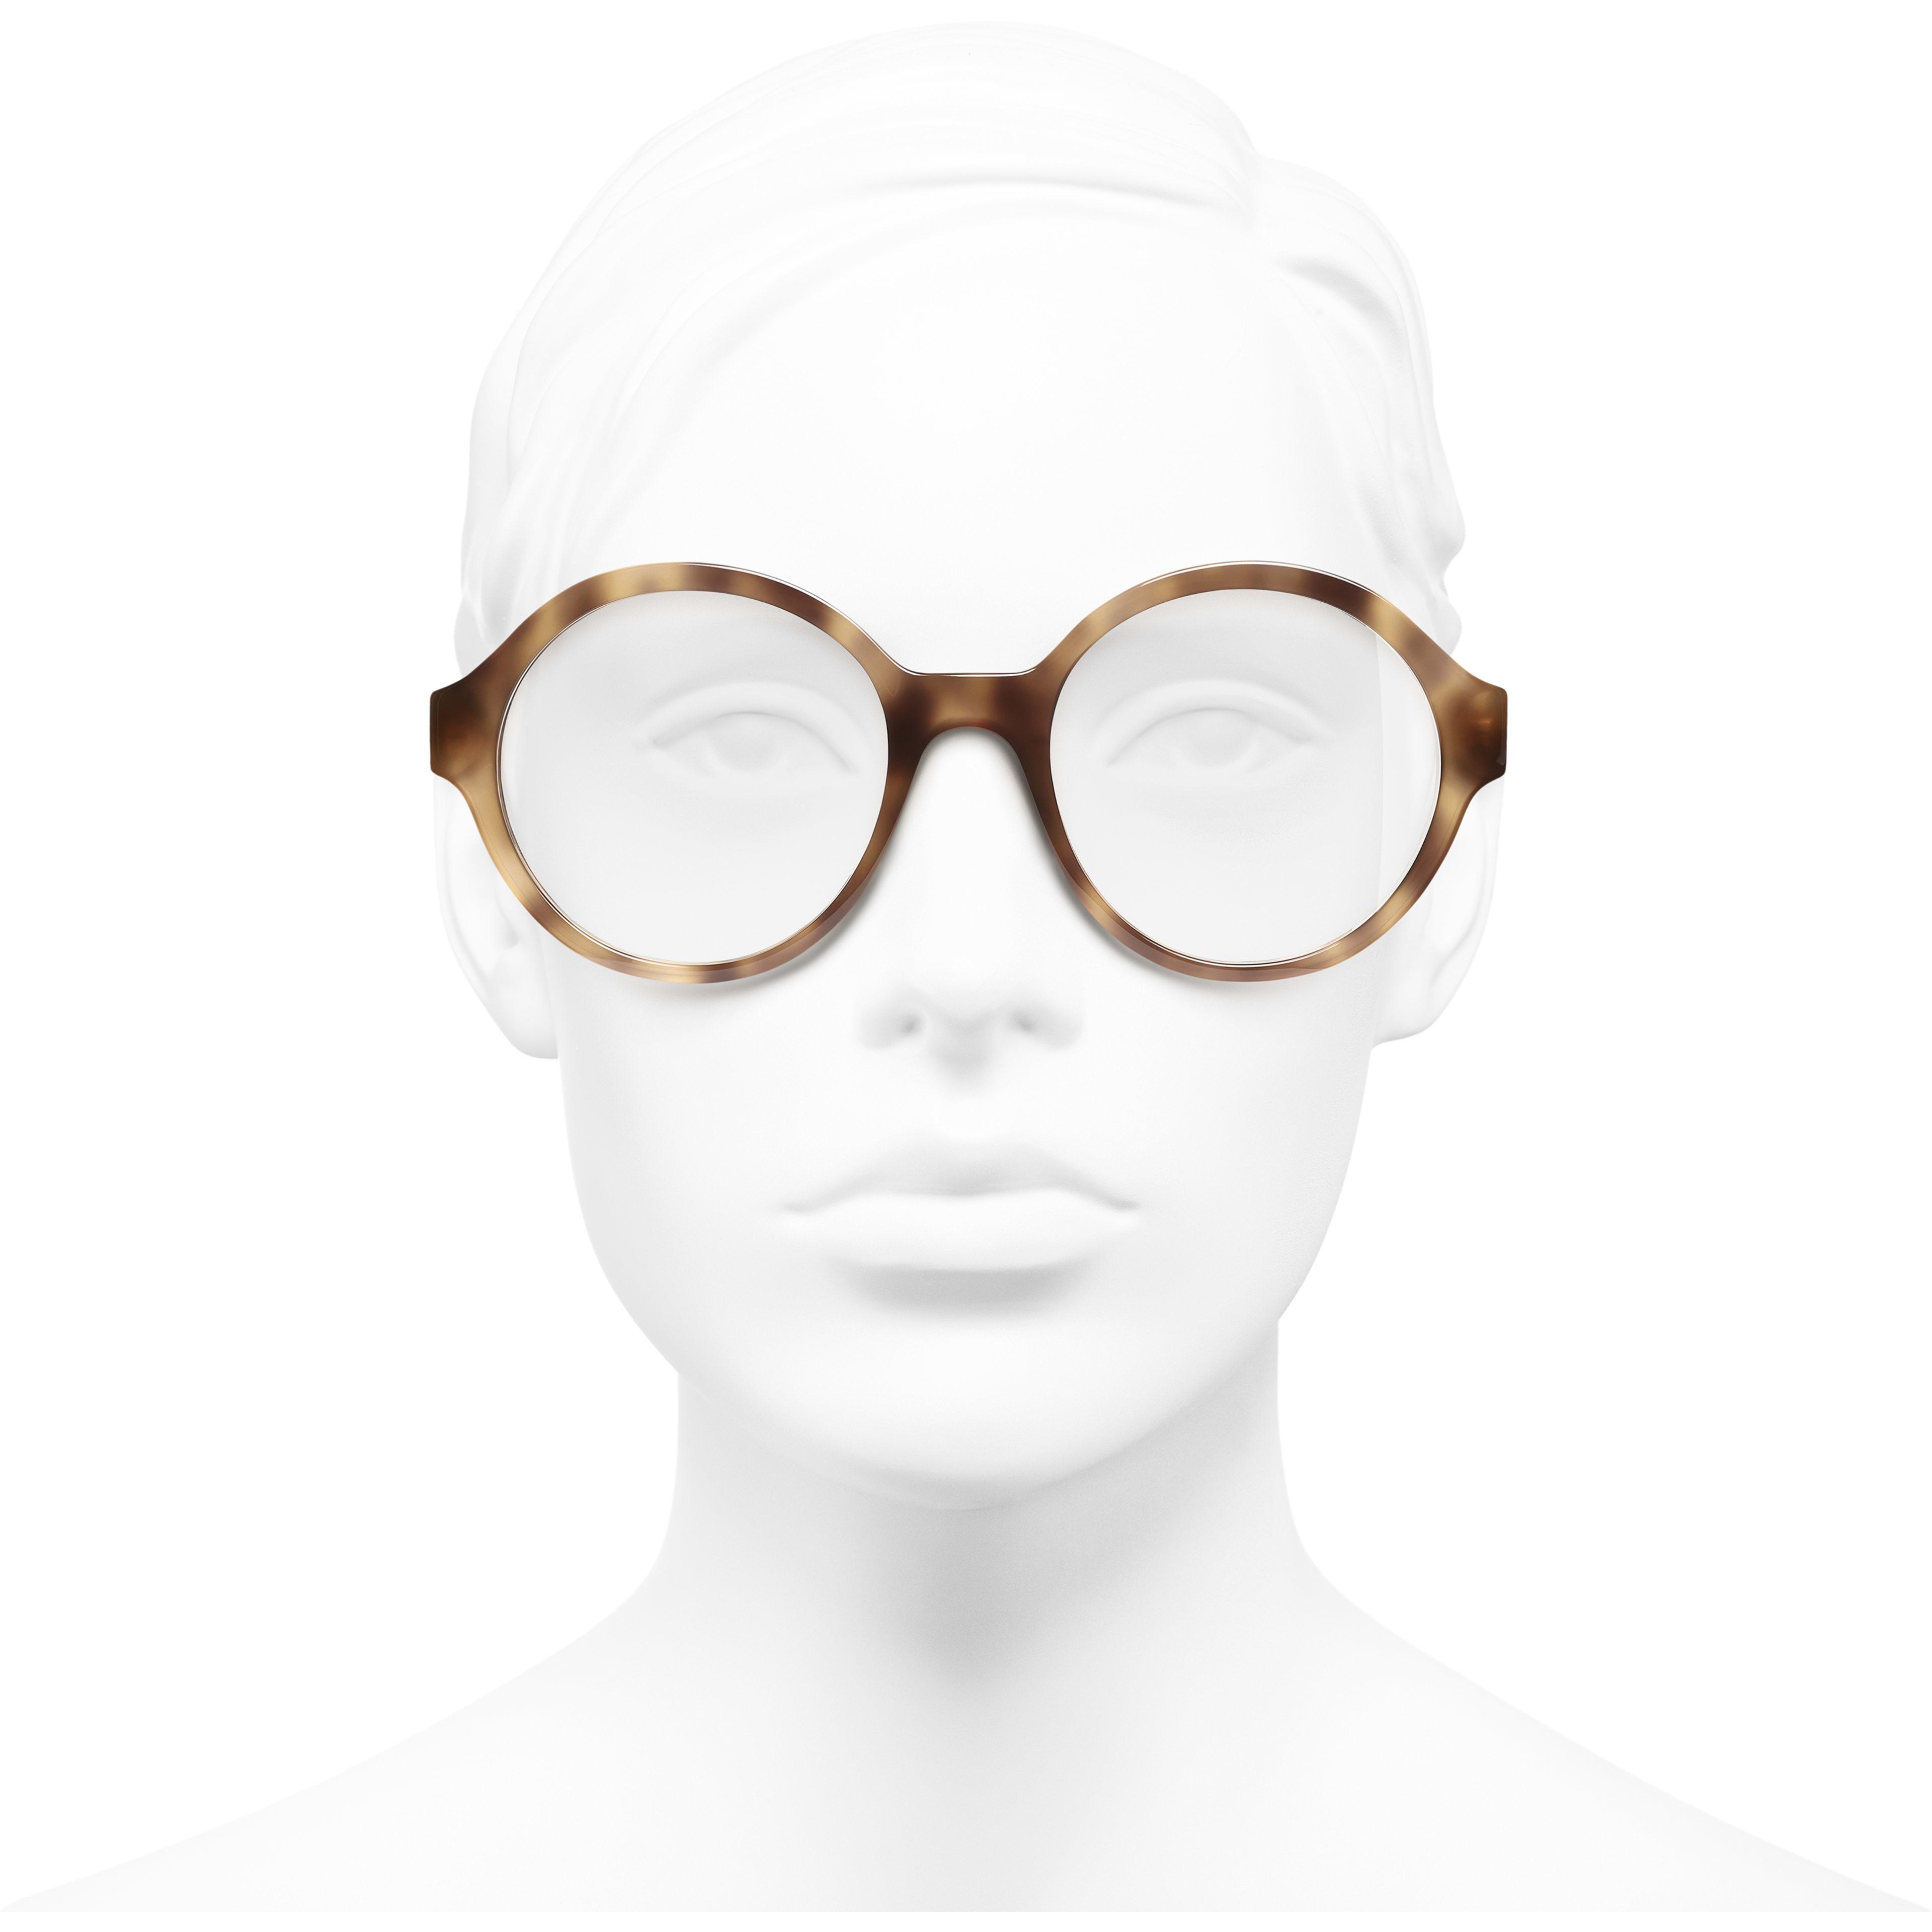 แว่นสายตาทรงกลม - สีกระอ่อน - อะซิเตท - มุมมองการสวมใส่ด้านหน้า - ดูเวอร์ชันขนาดมาตรฐาน